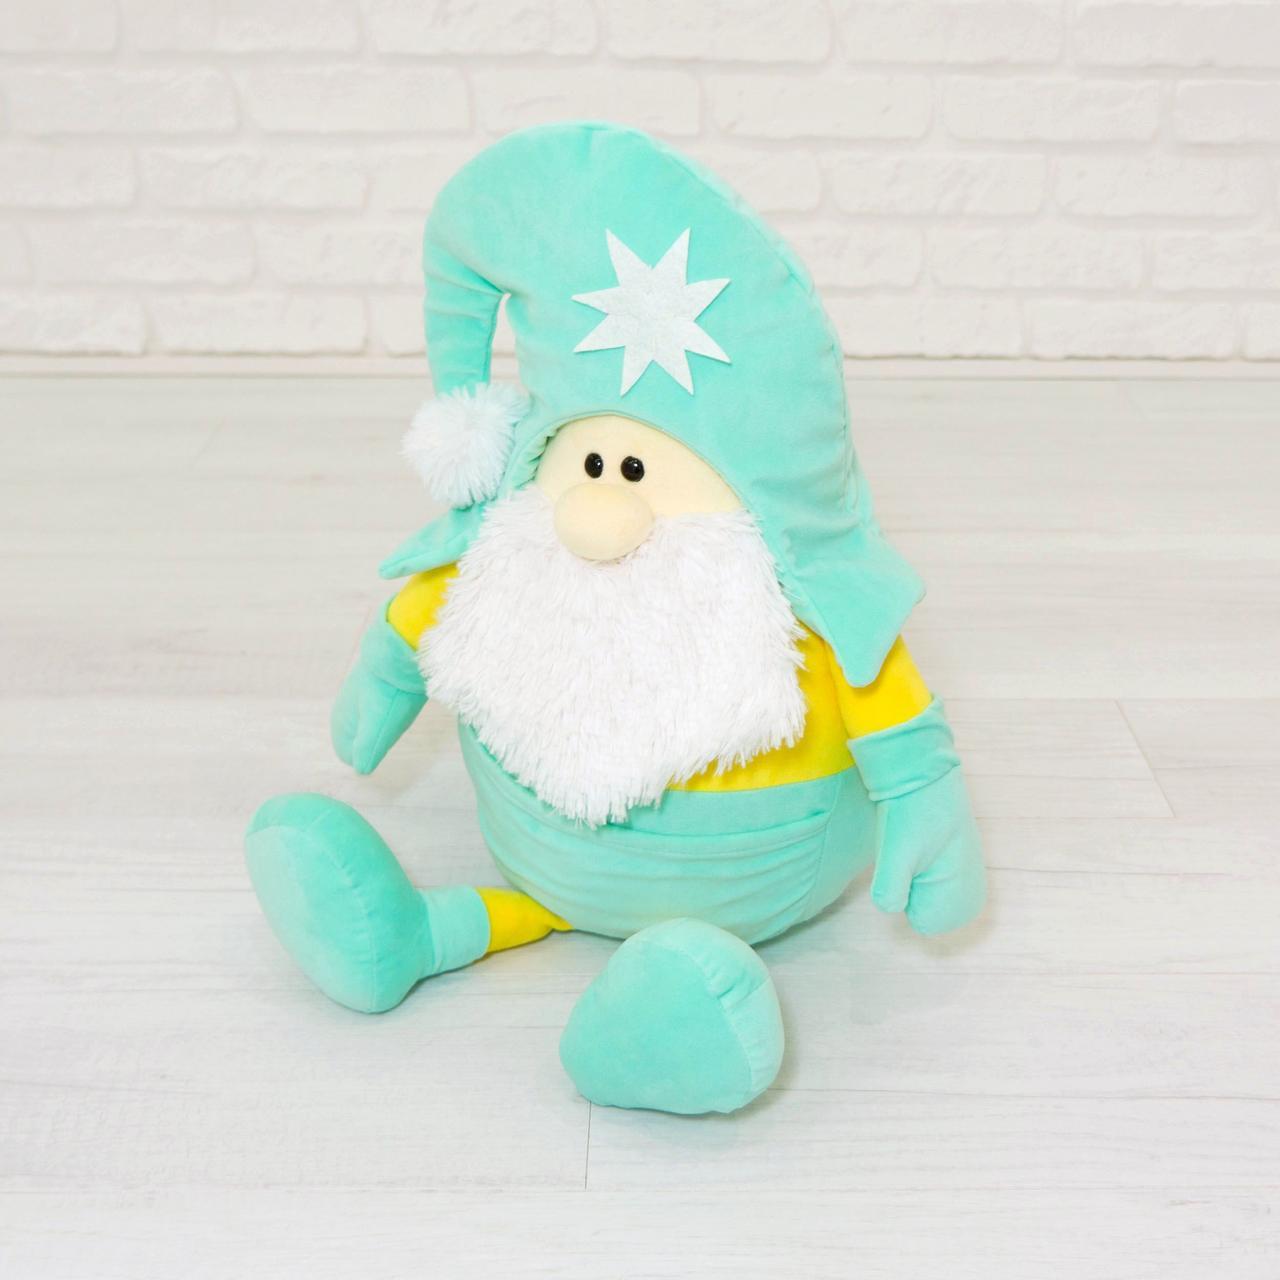 Мягкая игрушка Kidsqo гномик Санта 53 см мятно-жёлтый (1772)